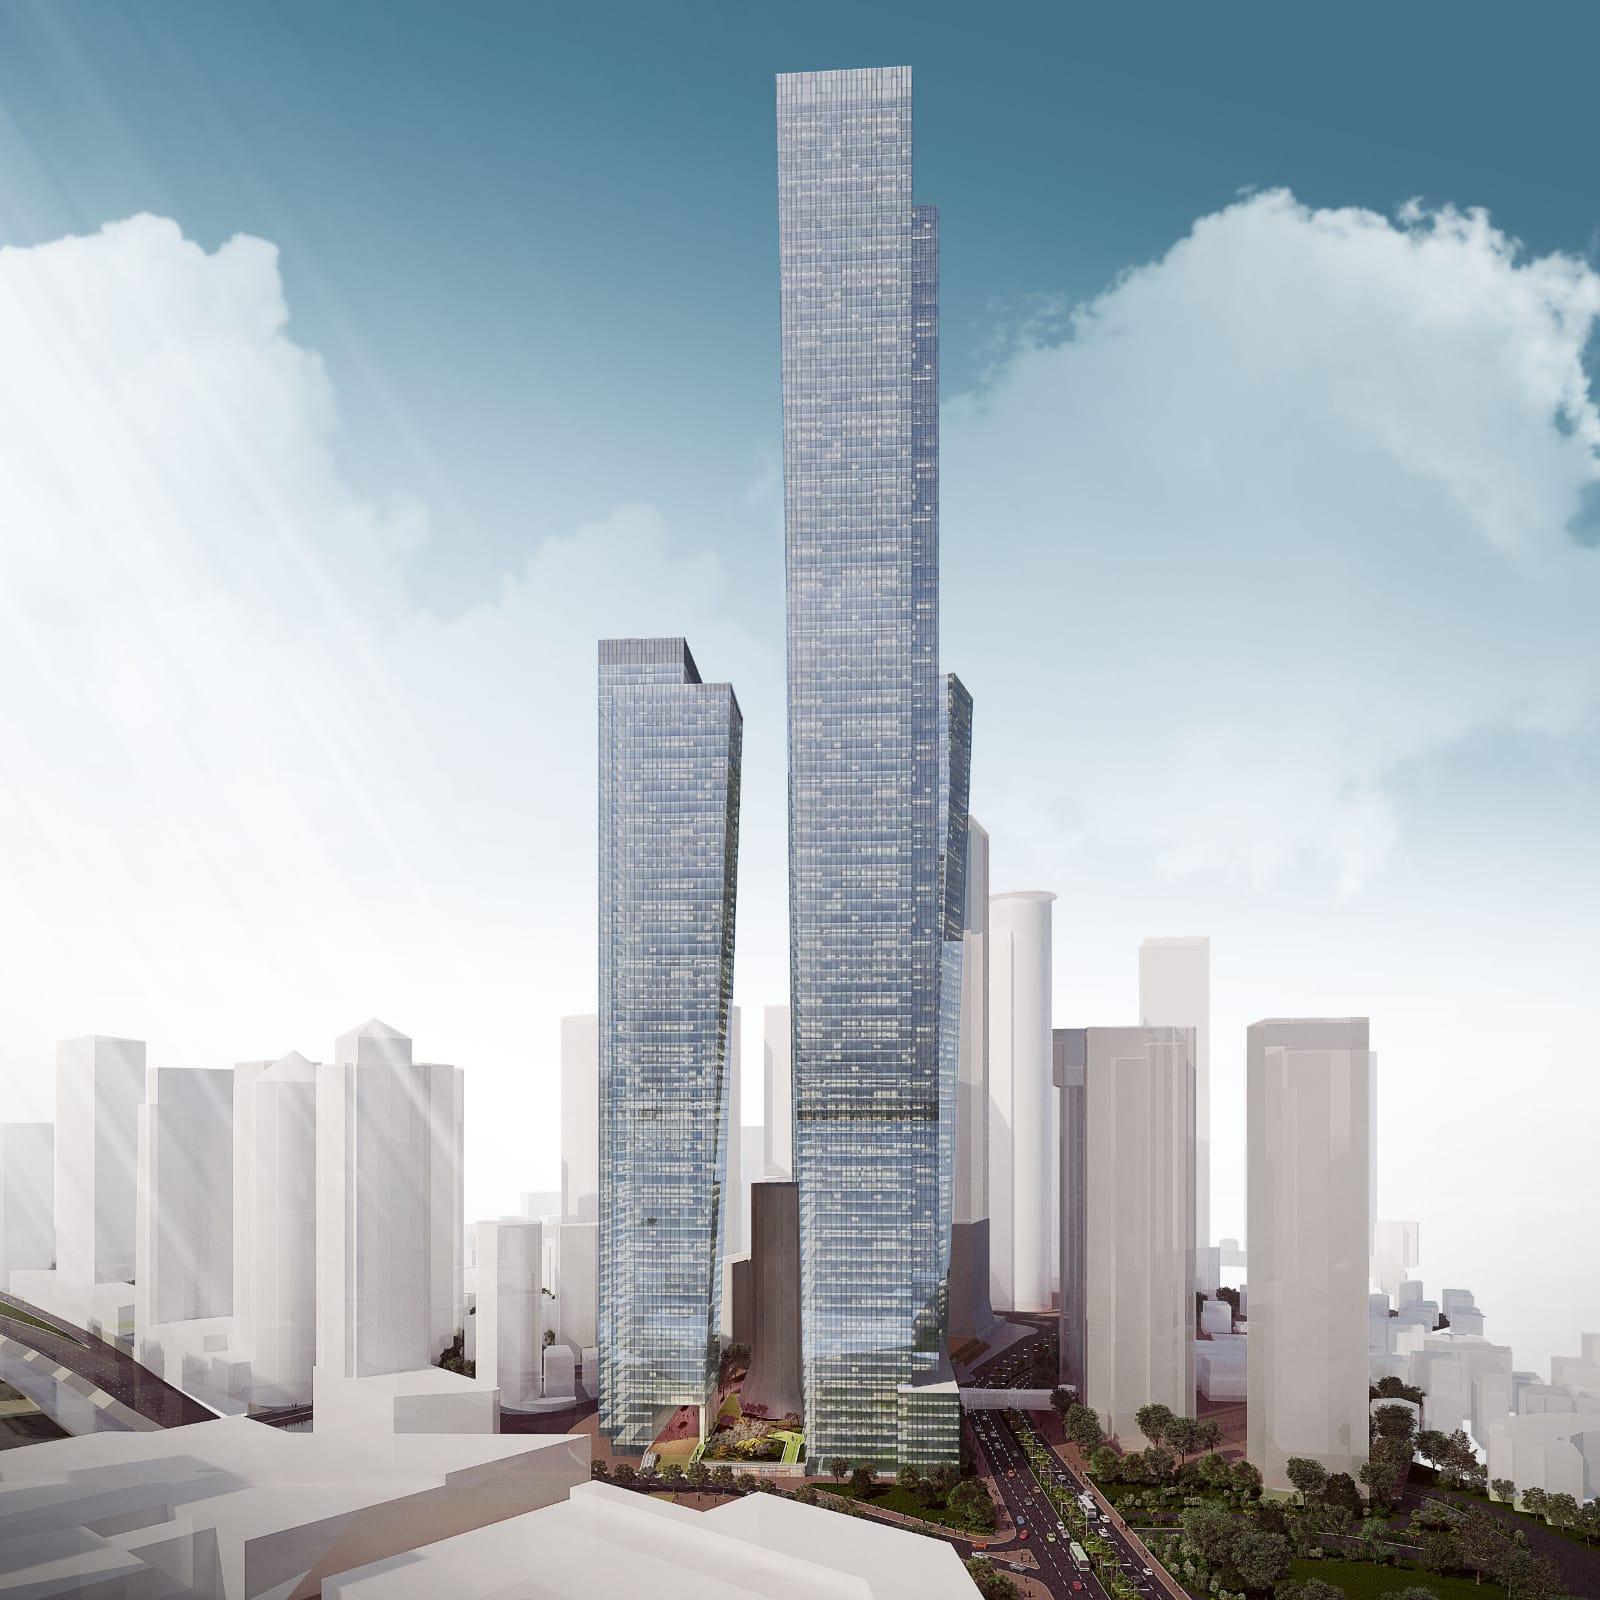 Photo of השיא יהיה ברמת גן. ראש העירייה אישר את הקמת המגדל הגבוה בישראל בן 120 קומות במתחם הבורסה בעיר